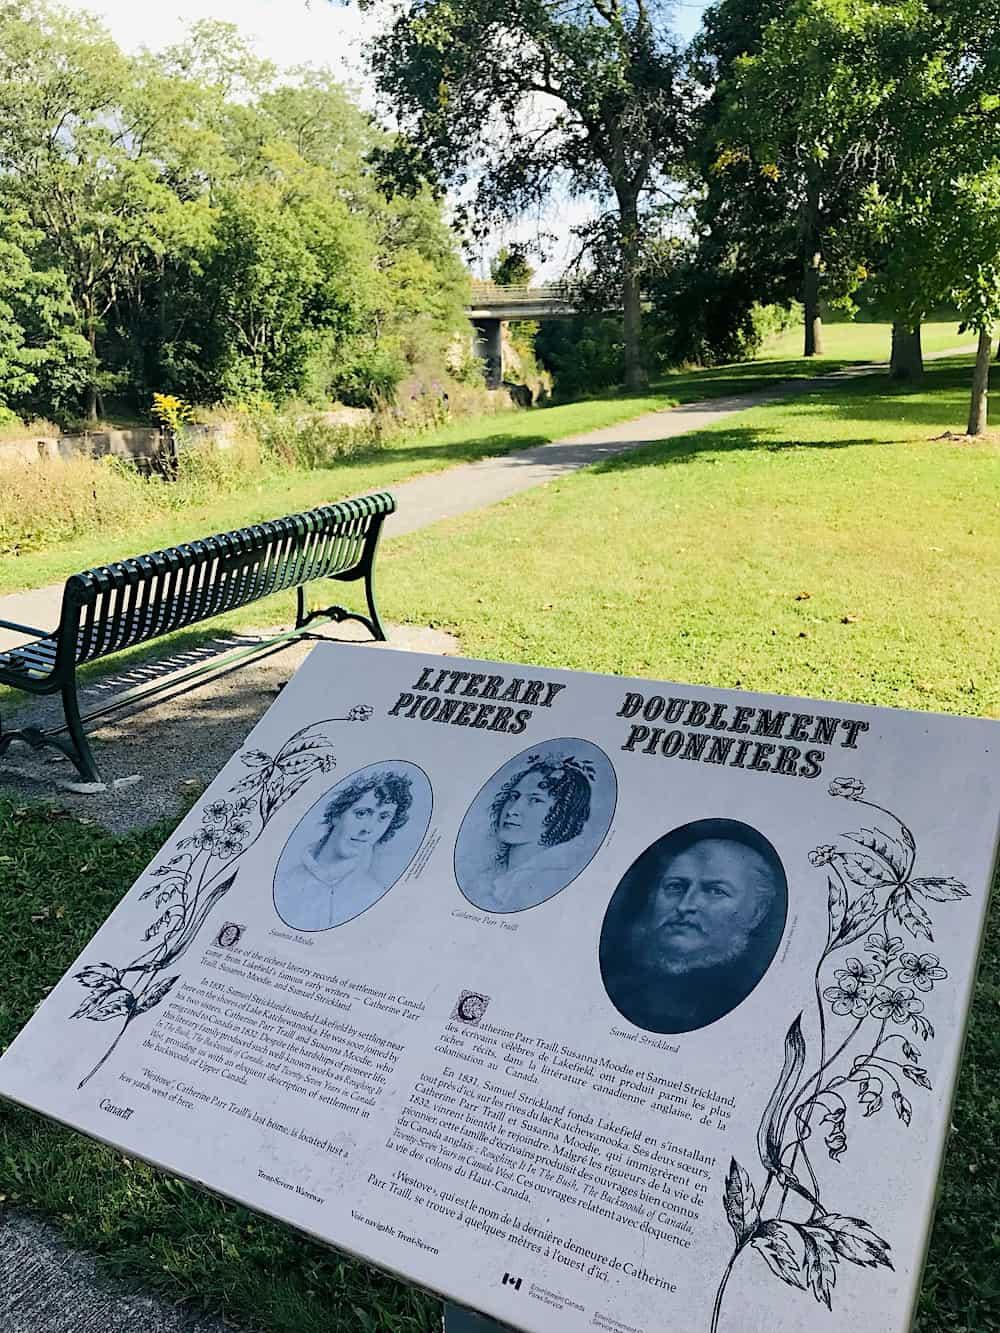 Lakefield Literary pioneers sign.